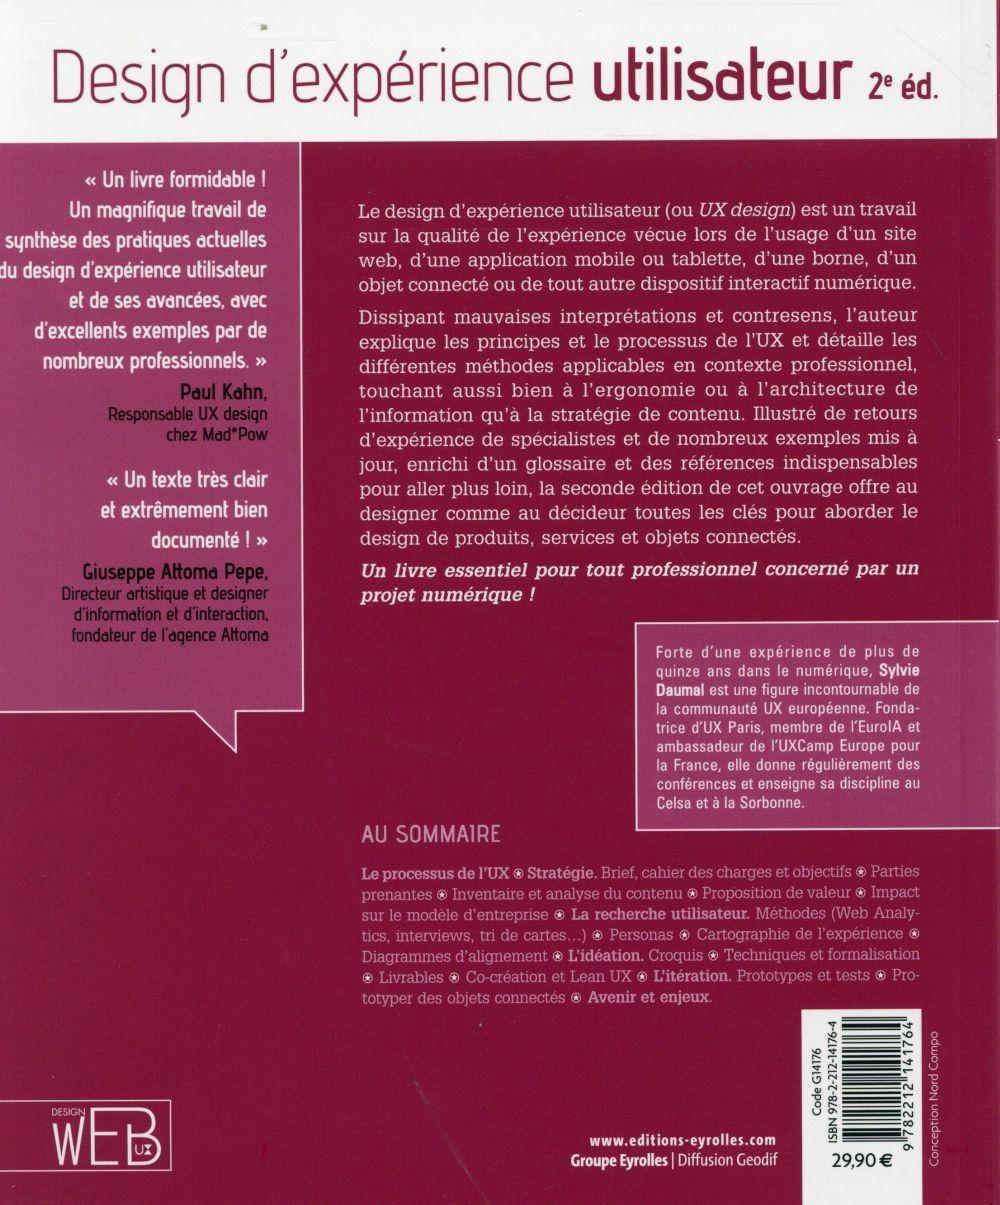 Design d expérience utilisateur ; principes et méthodes UX (2e édition)